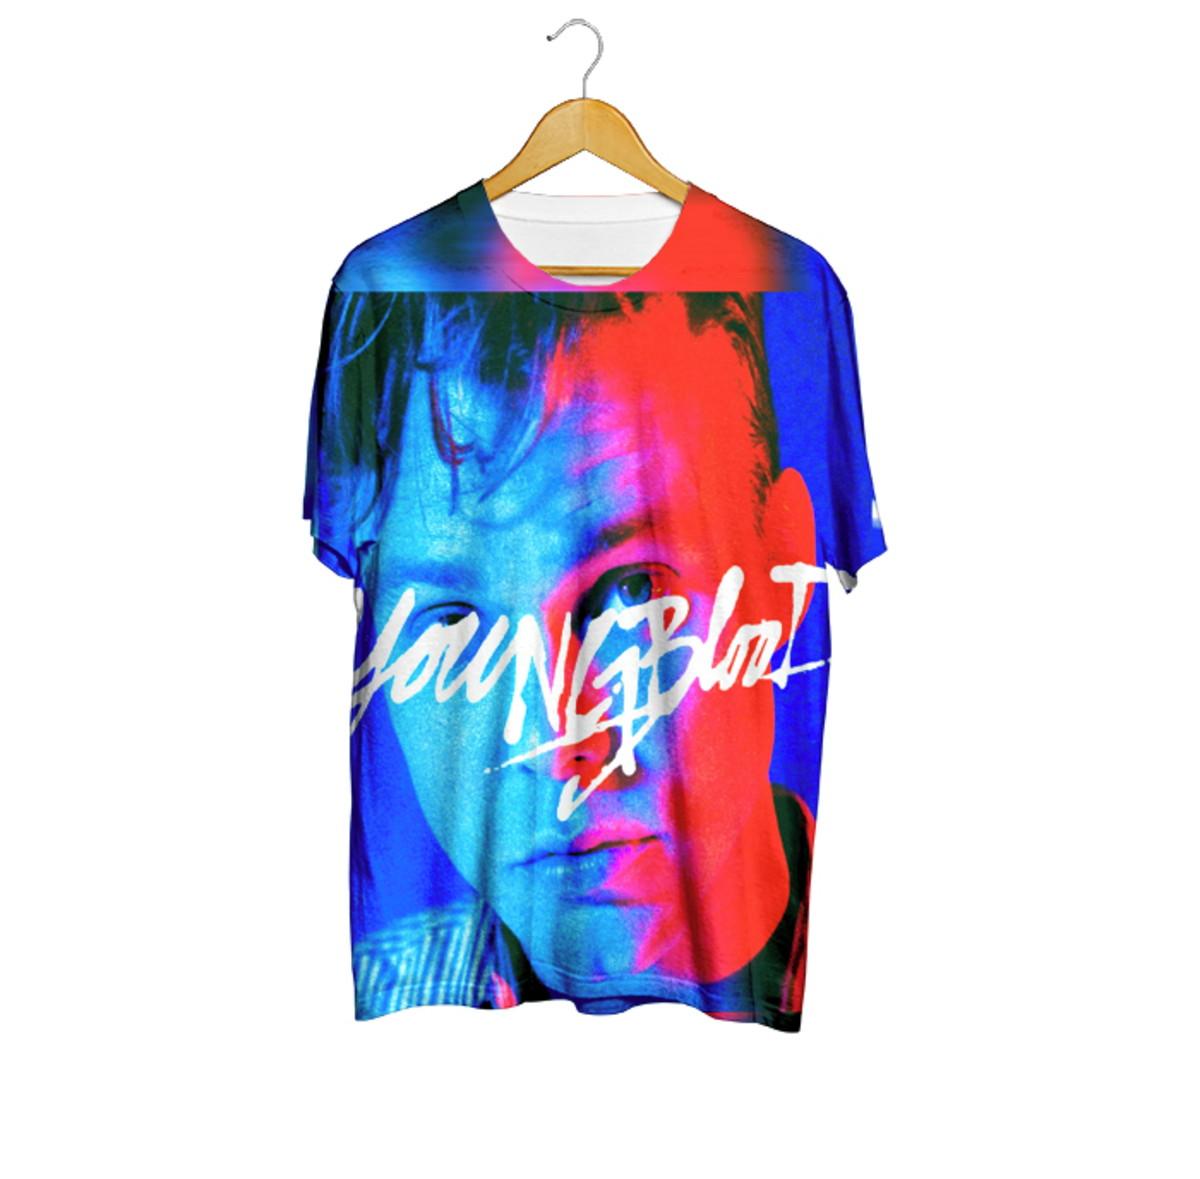 86e8fe22df6 Camiseta Ashton Youngblood - 5 Seconds Of Summer no Elo7